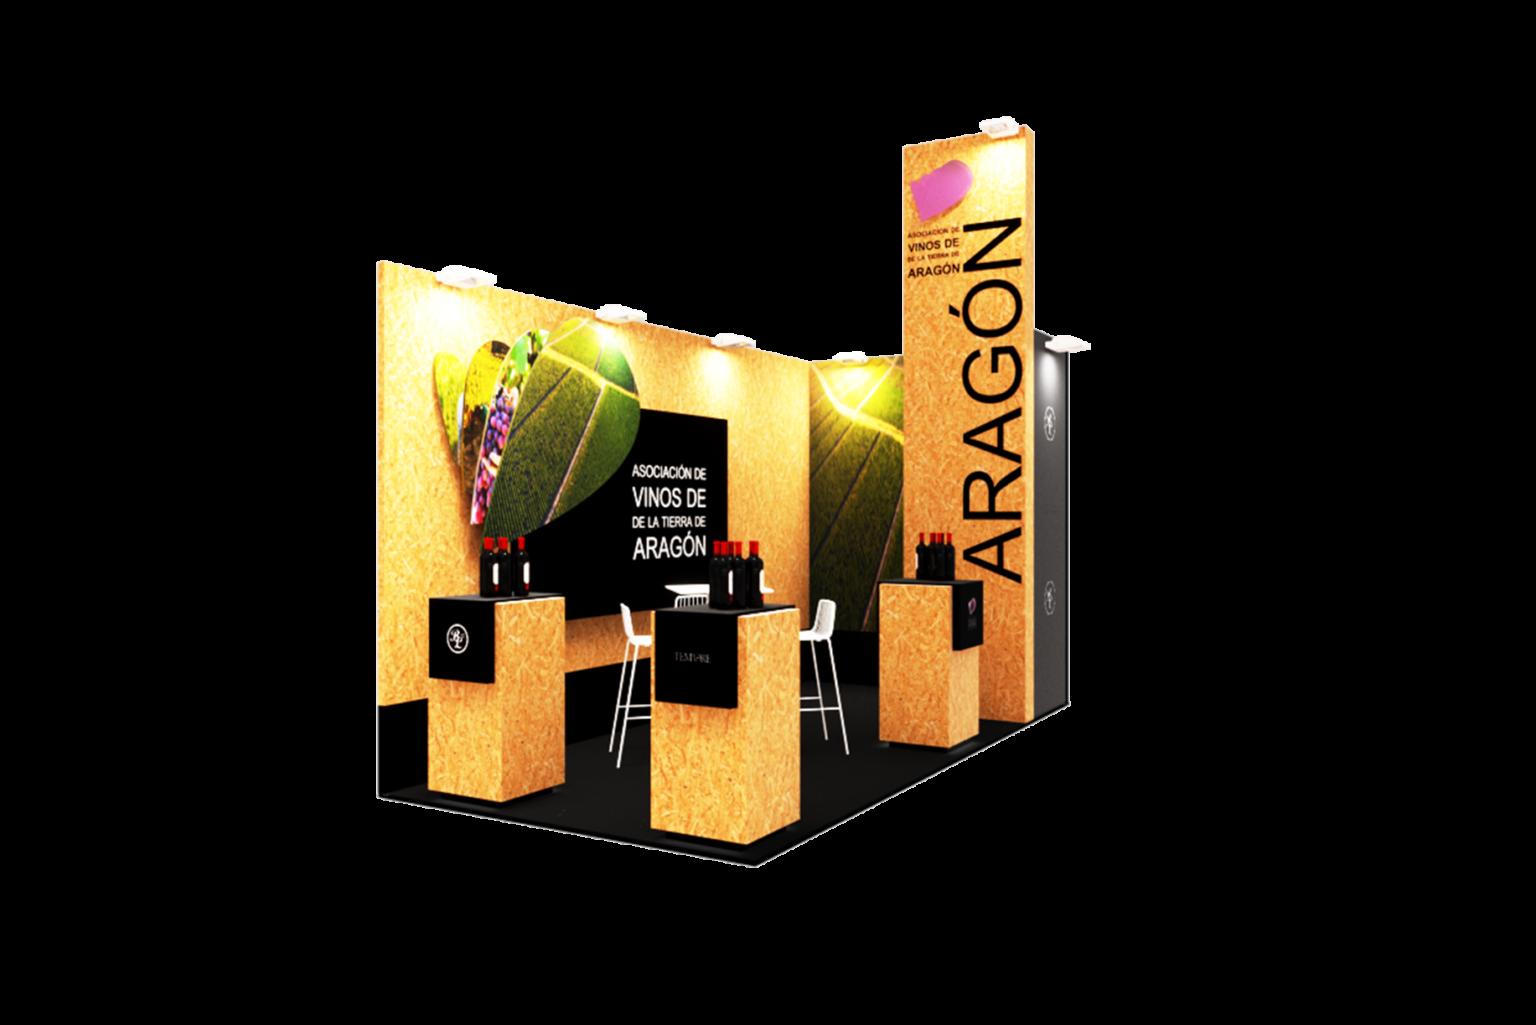 asociacion vinos de aragon